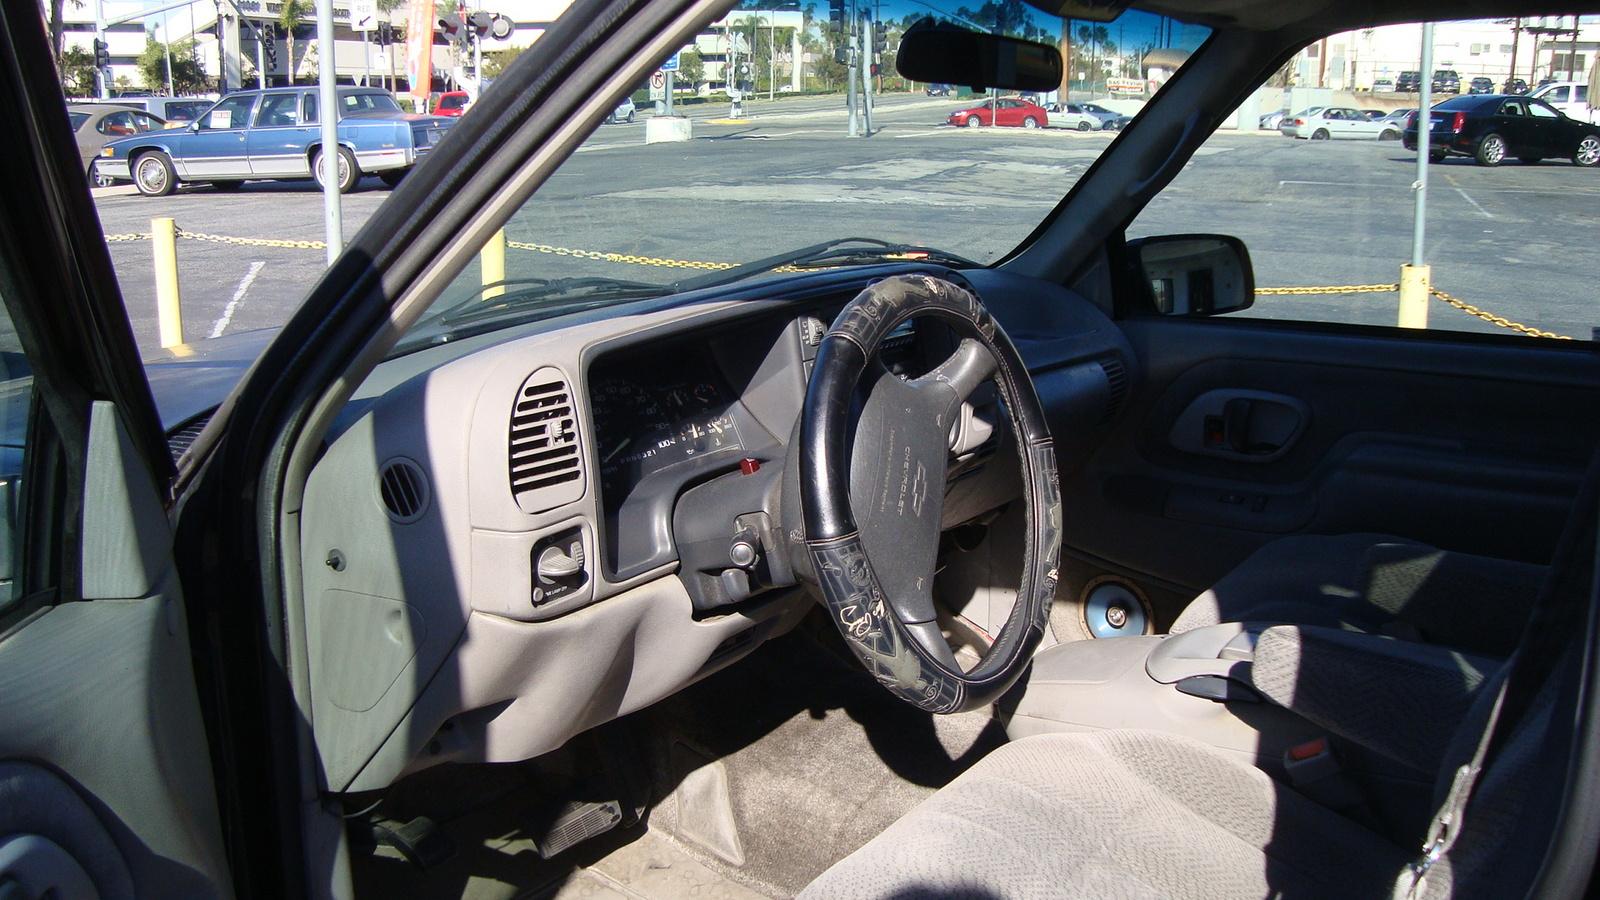 1995 Chevrolet Suburban C1500, Picture of 1995 Chevrolet Suburban 4 Dr C1500 SUV, interior